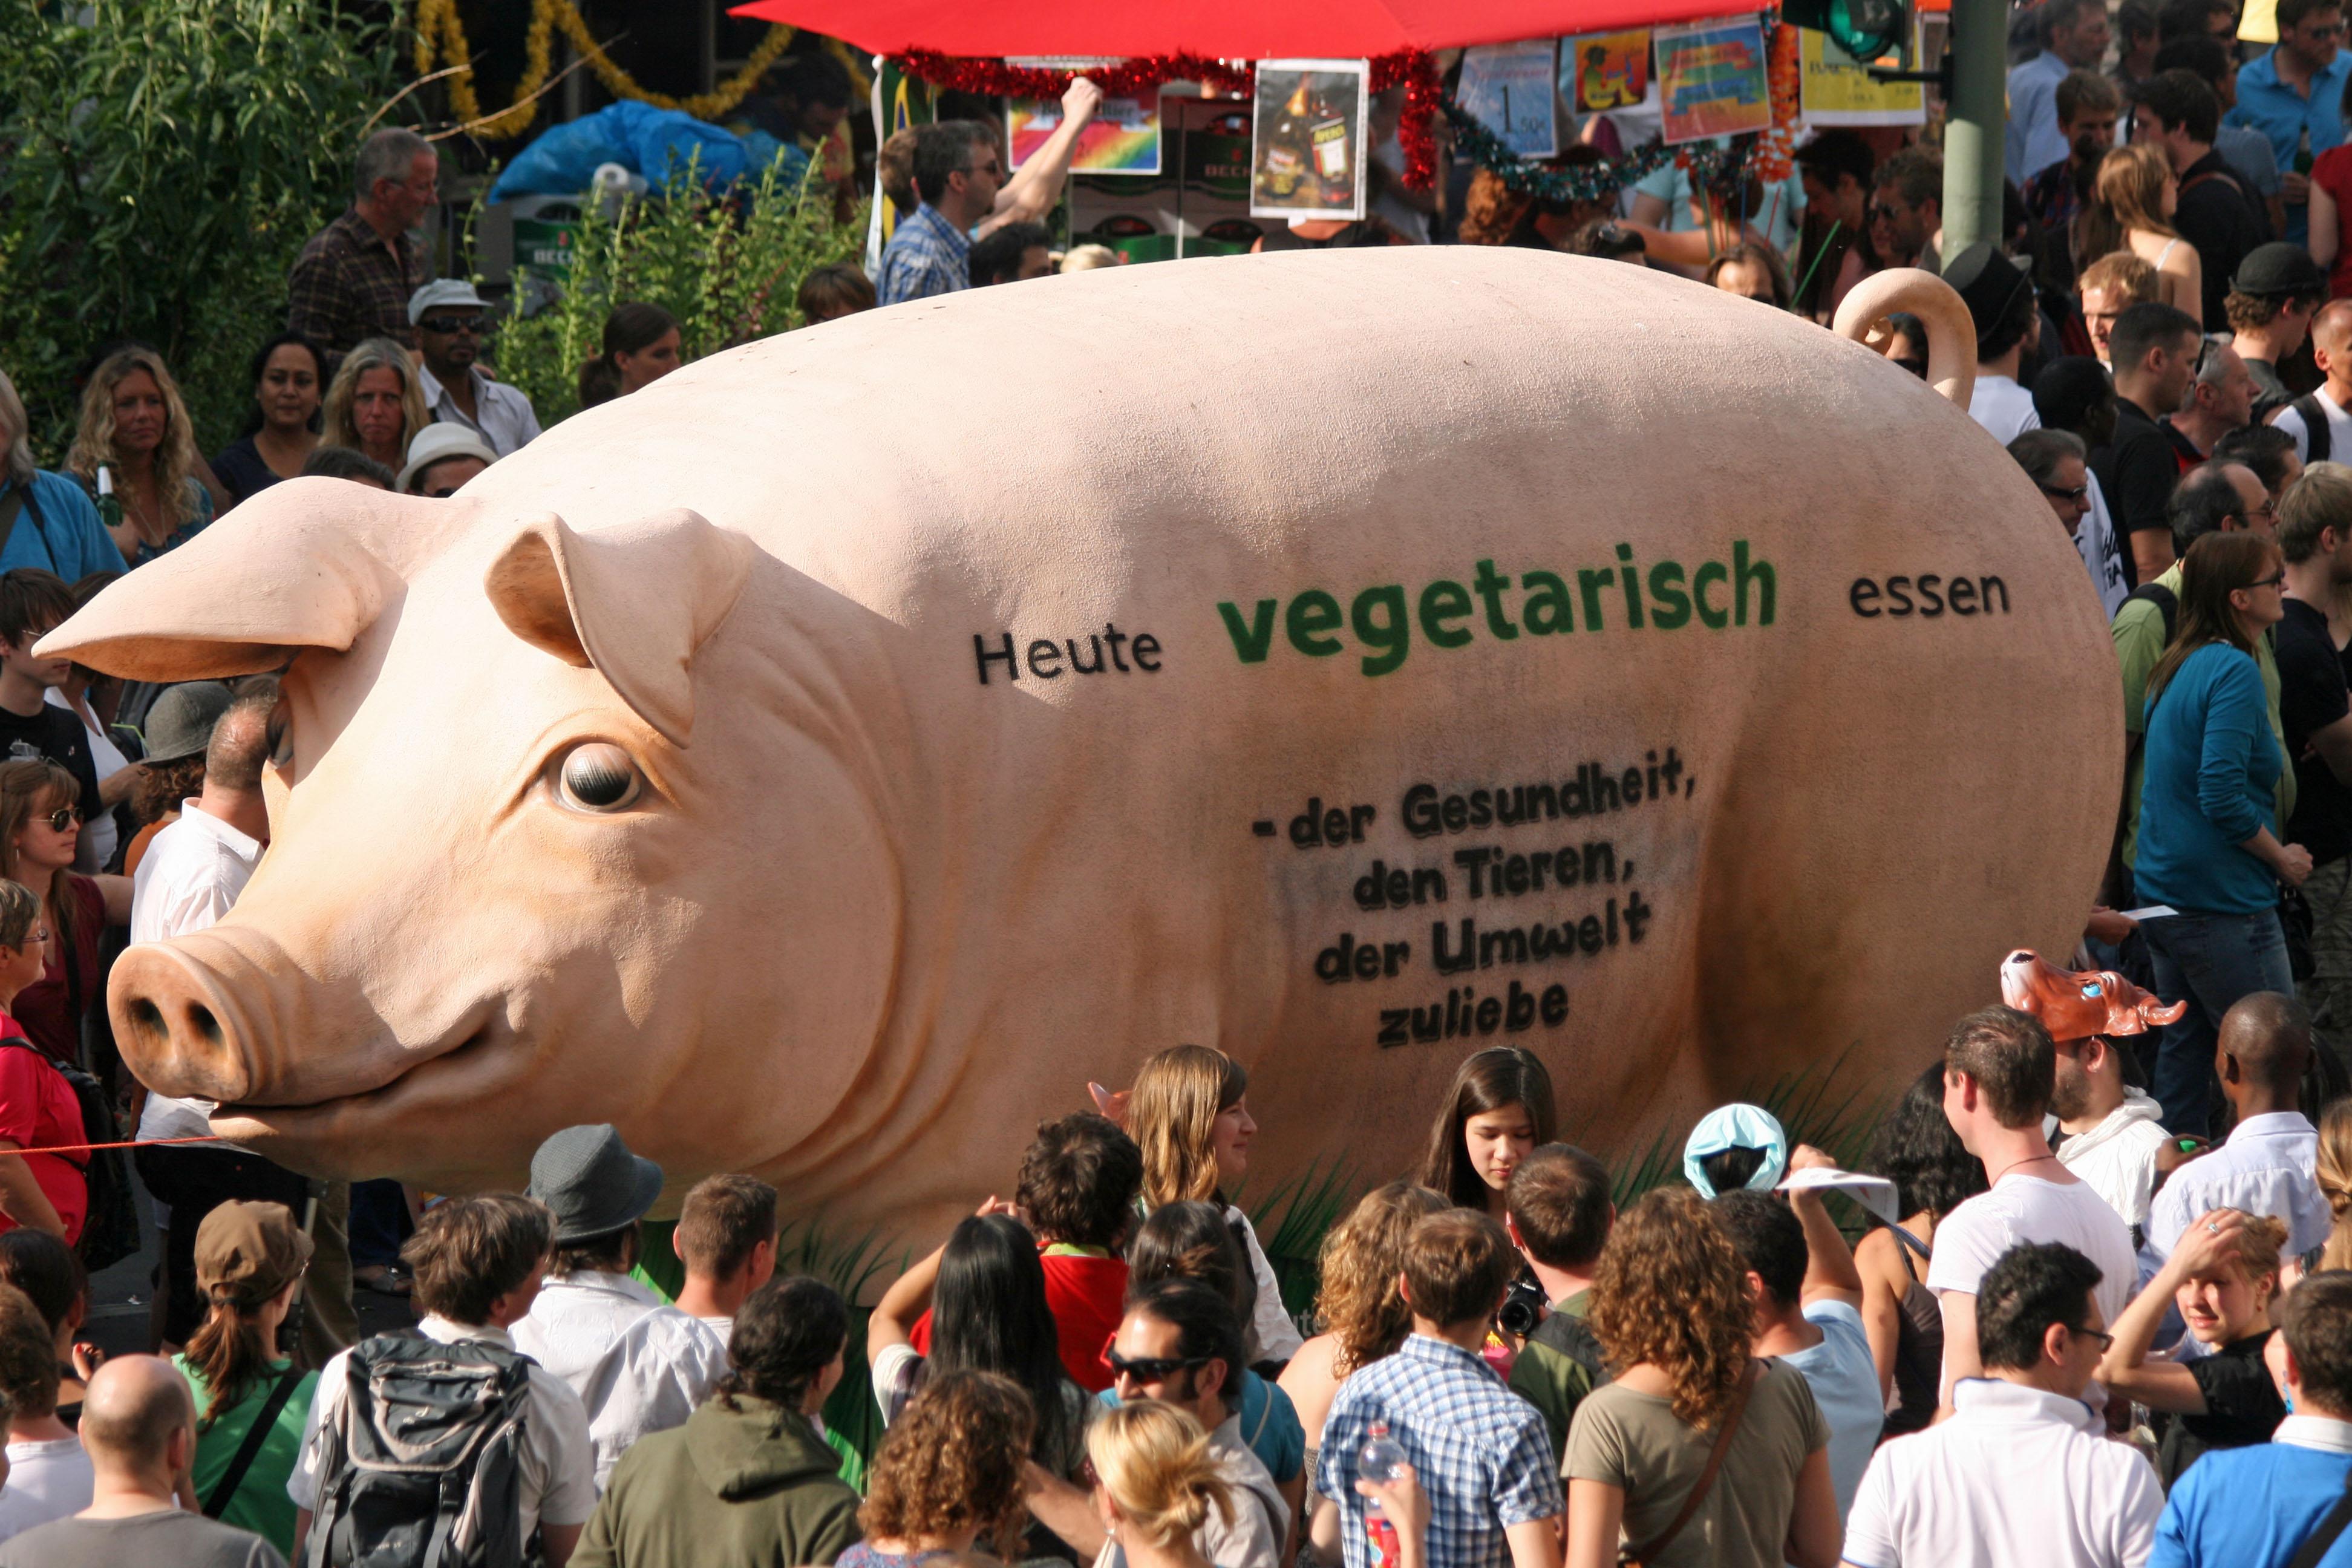 A pig float advocates vegetarianism at Karneval der Kulturen (Carnival of Cultures) in Berlin